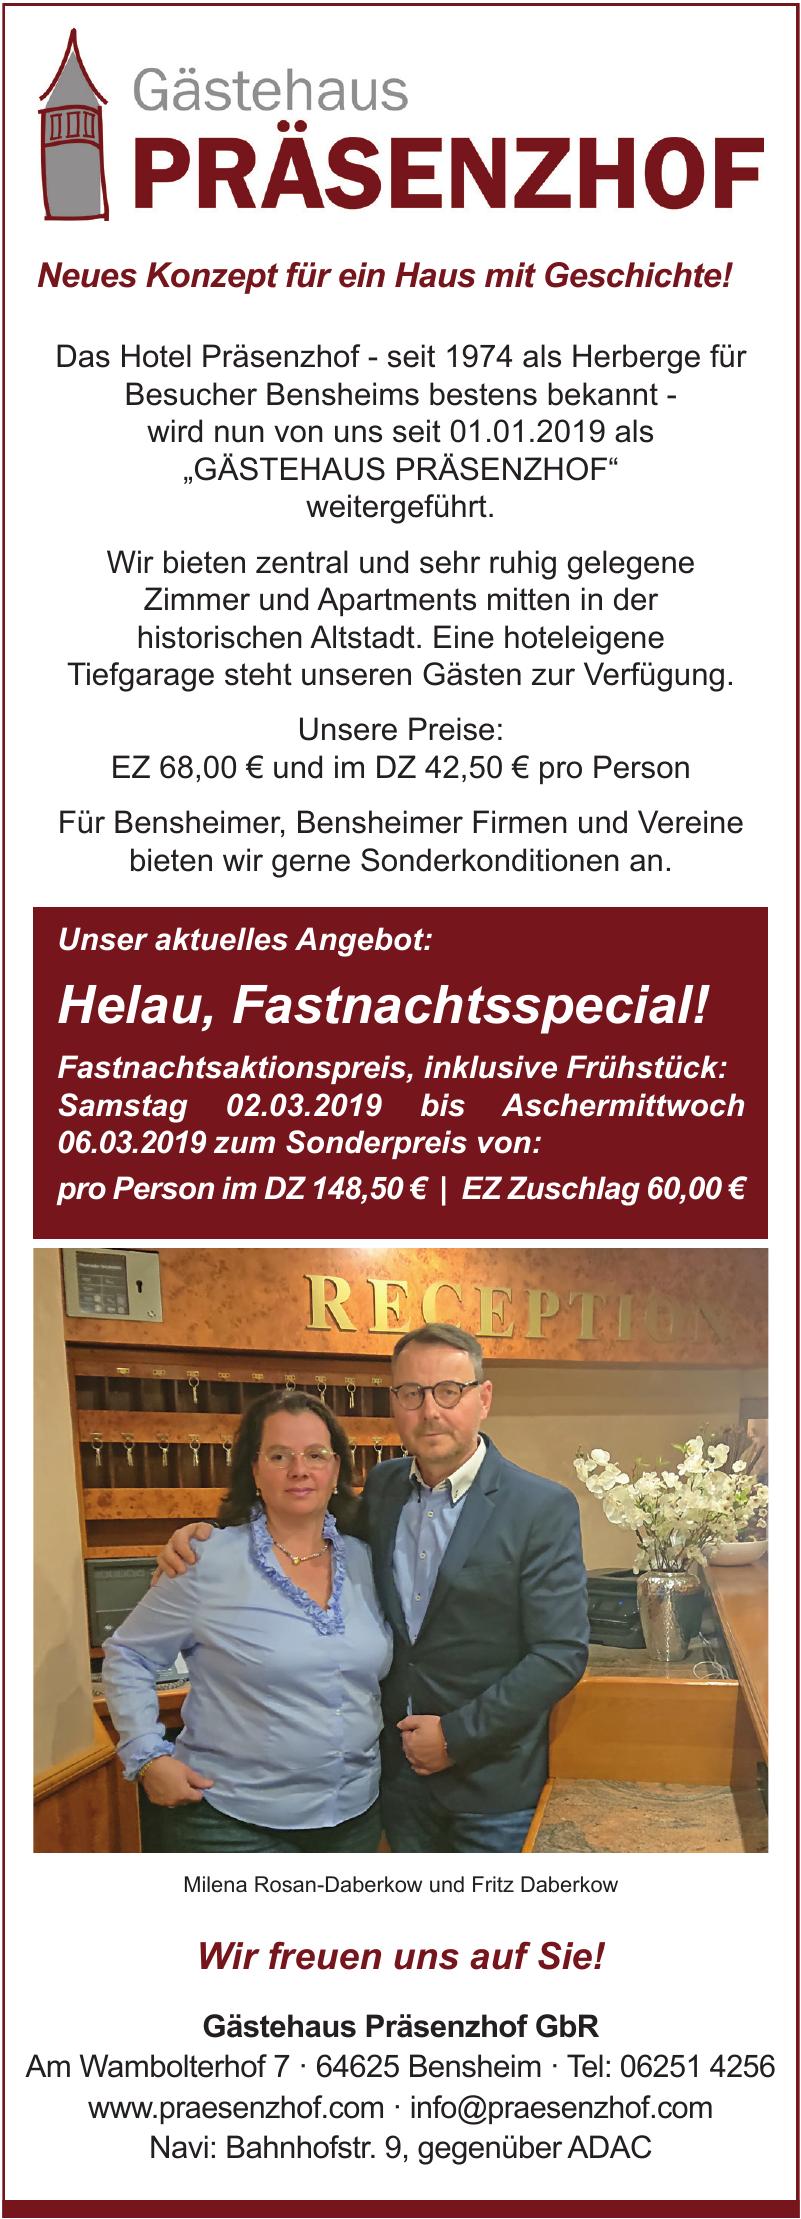 Gästehaus Präsenzhof GbR